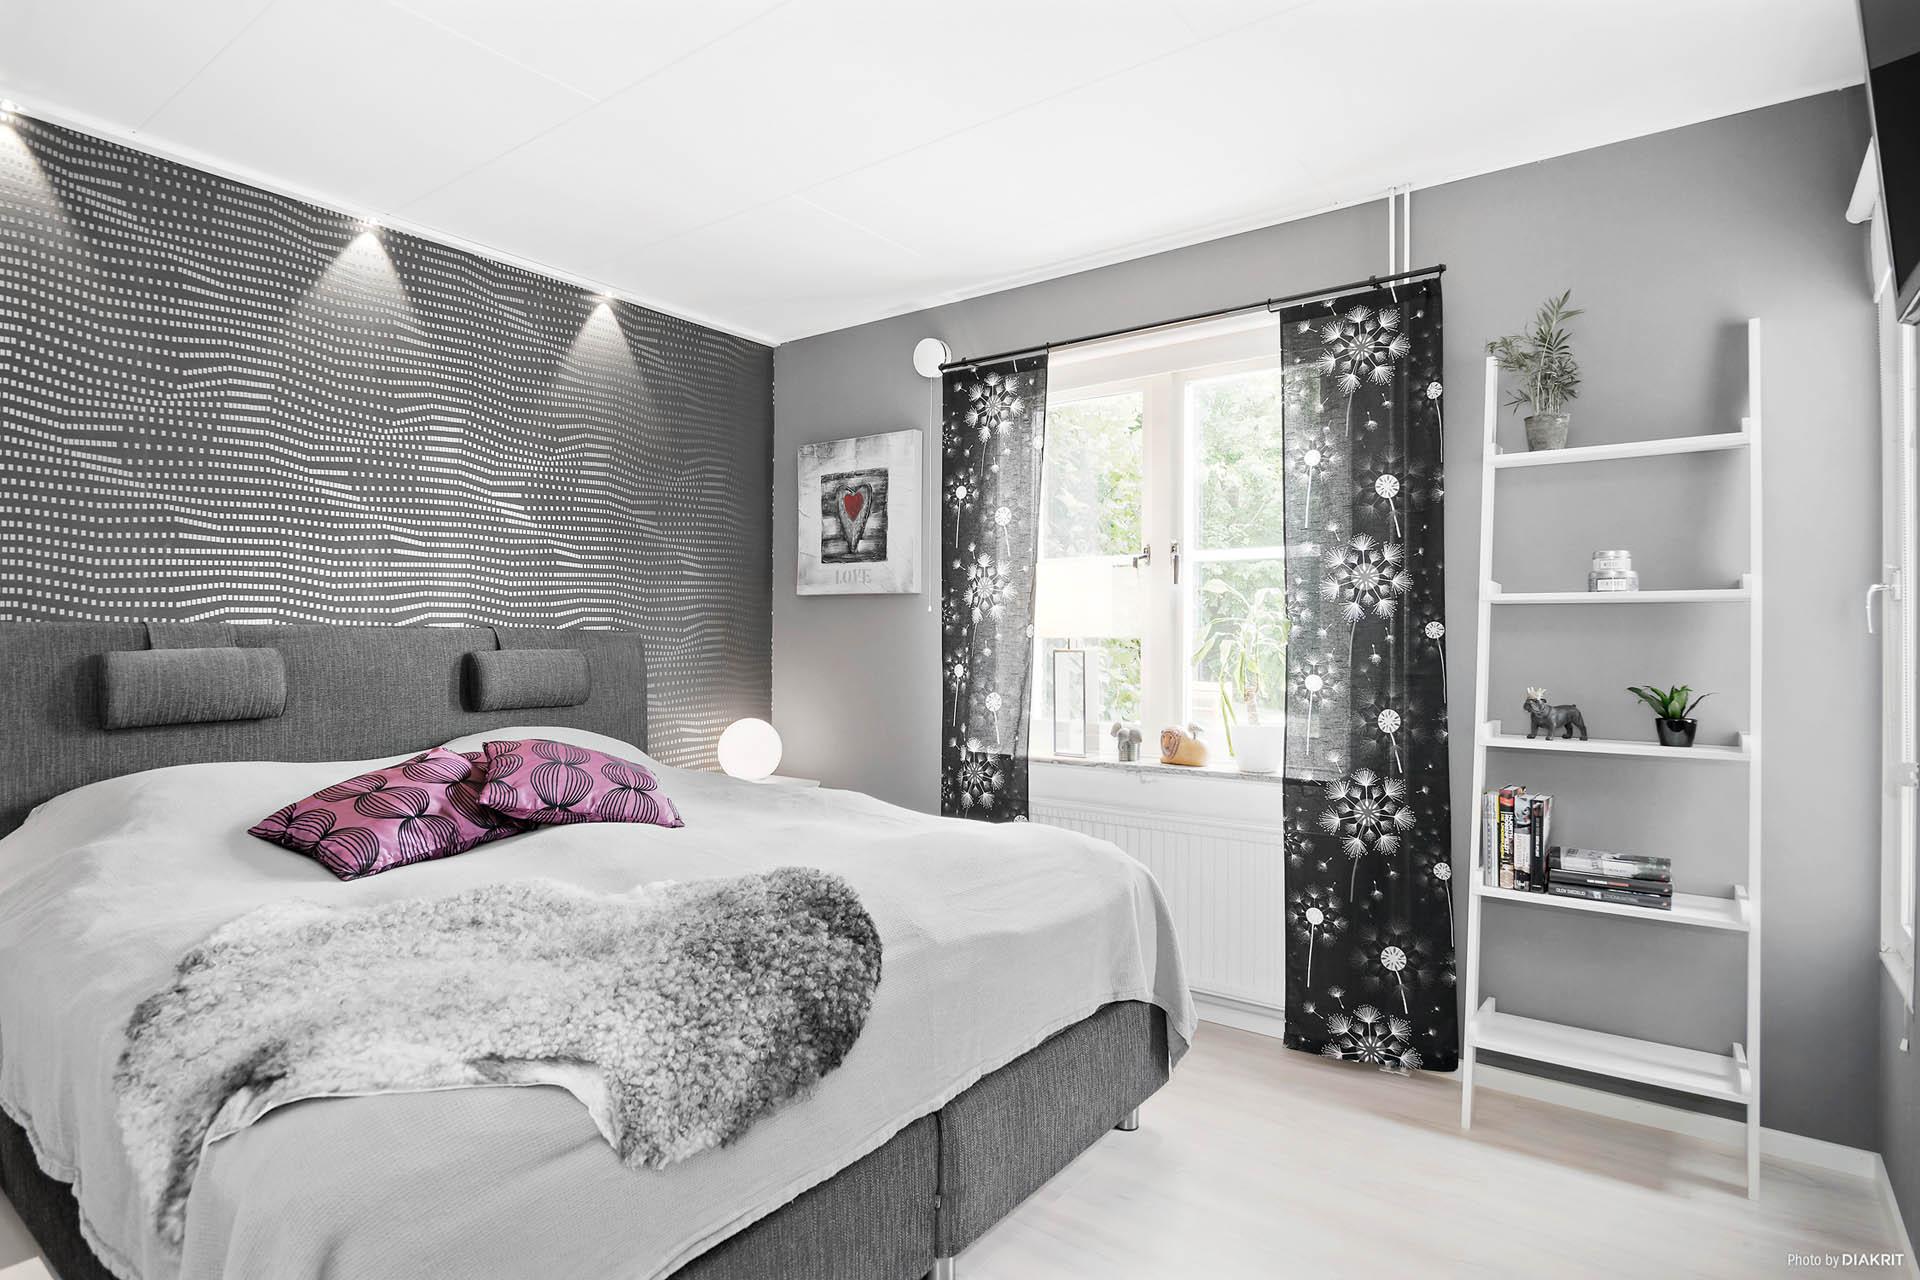 Sovrum 1 med snygga inbyggda spotlights i listen